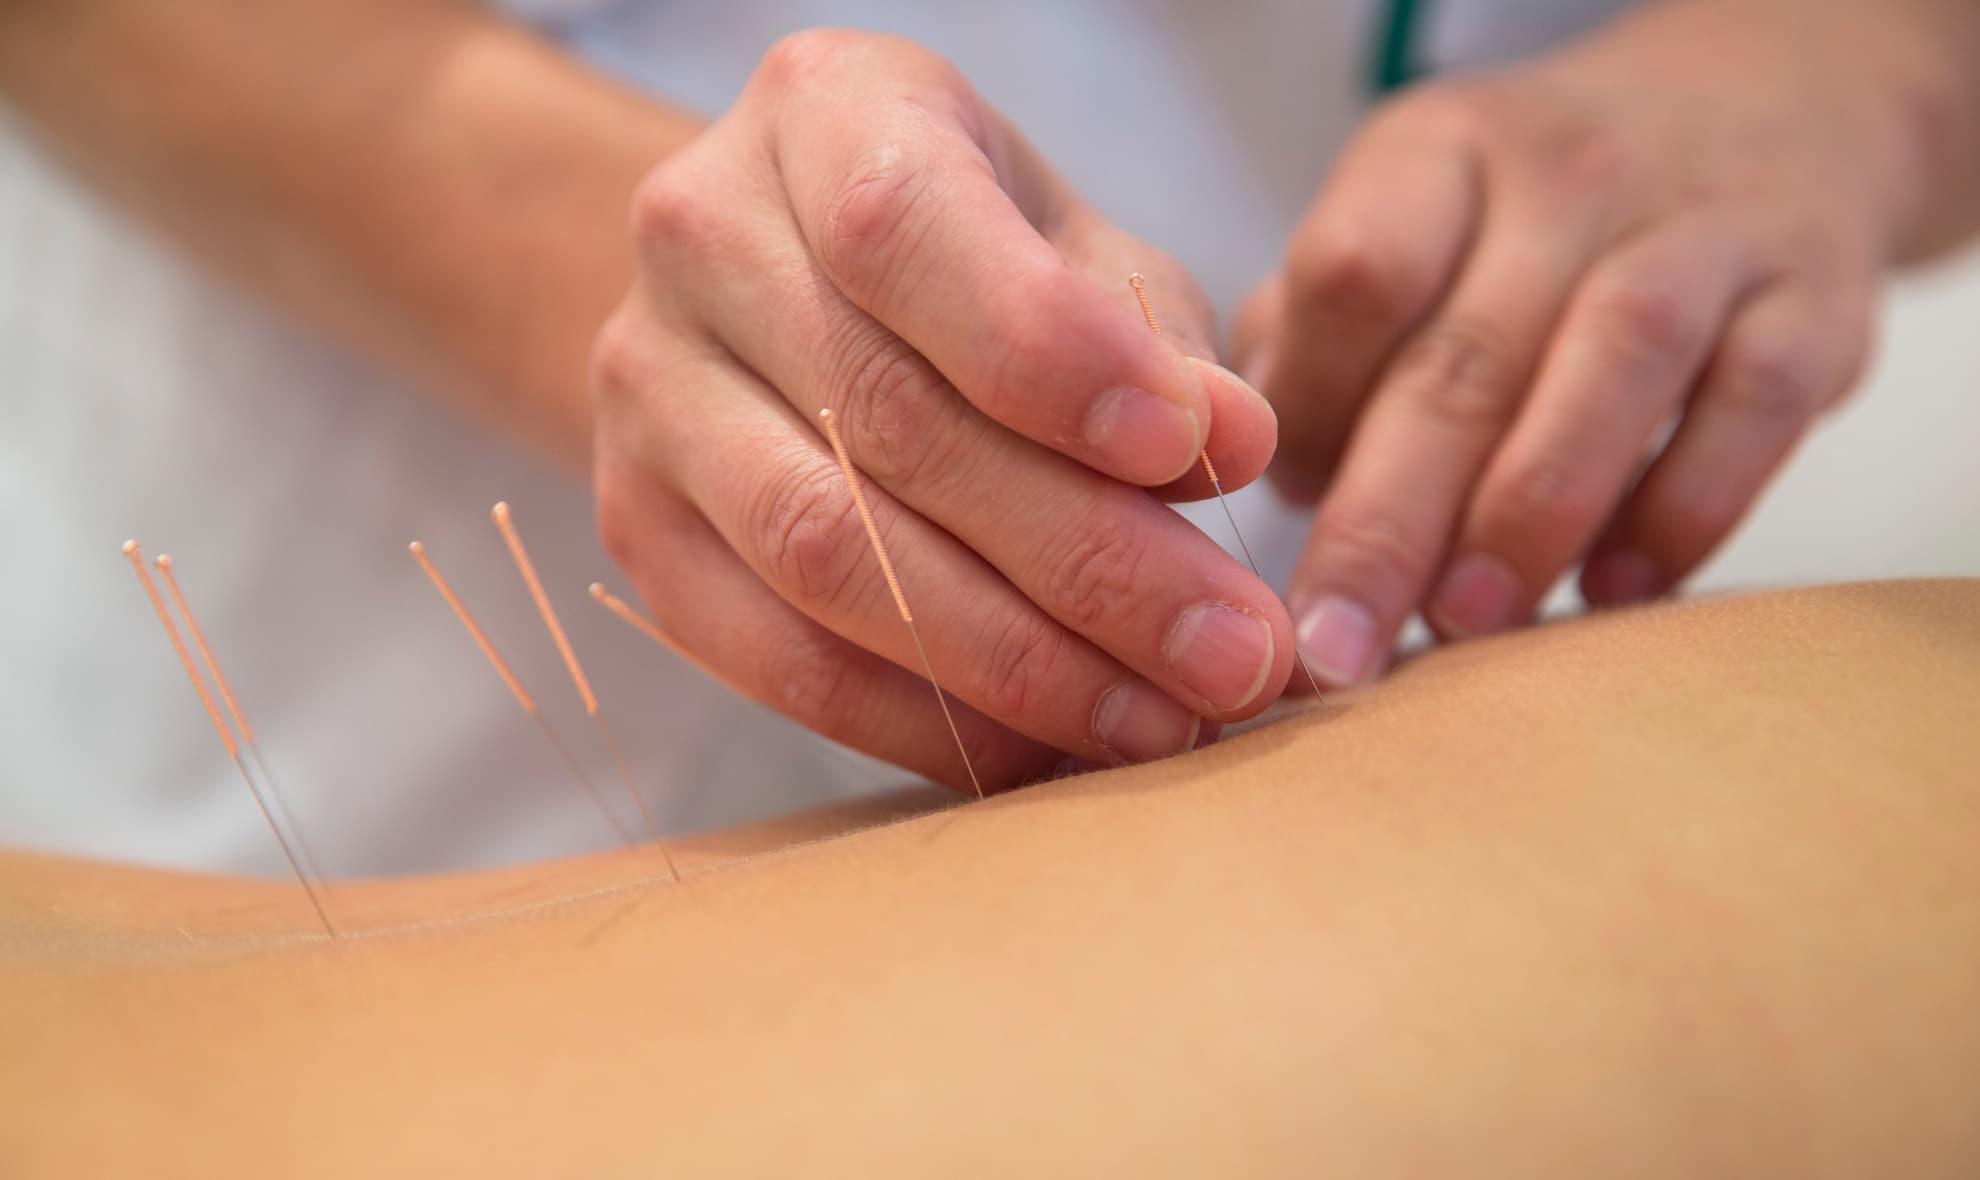 korea acupuncture_jpg